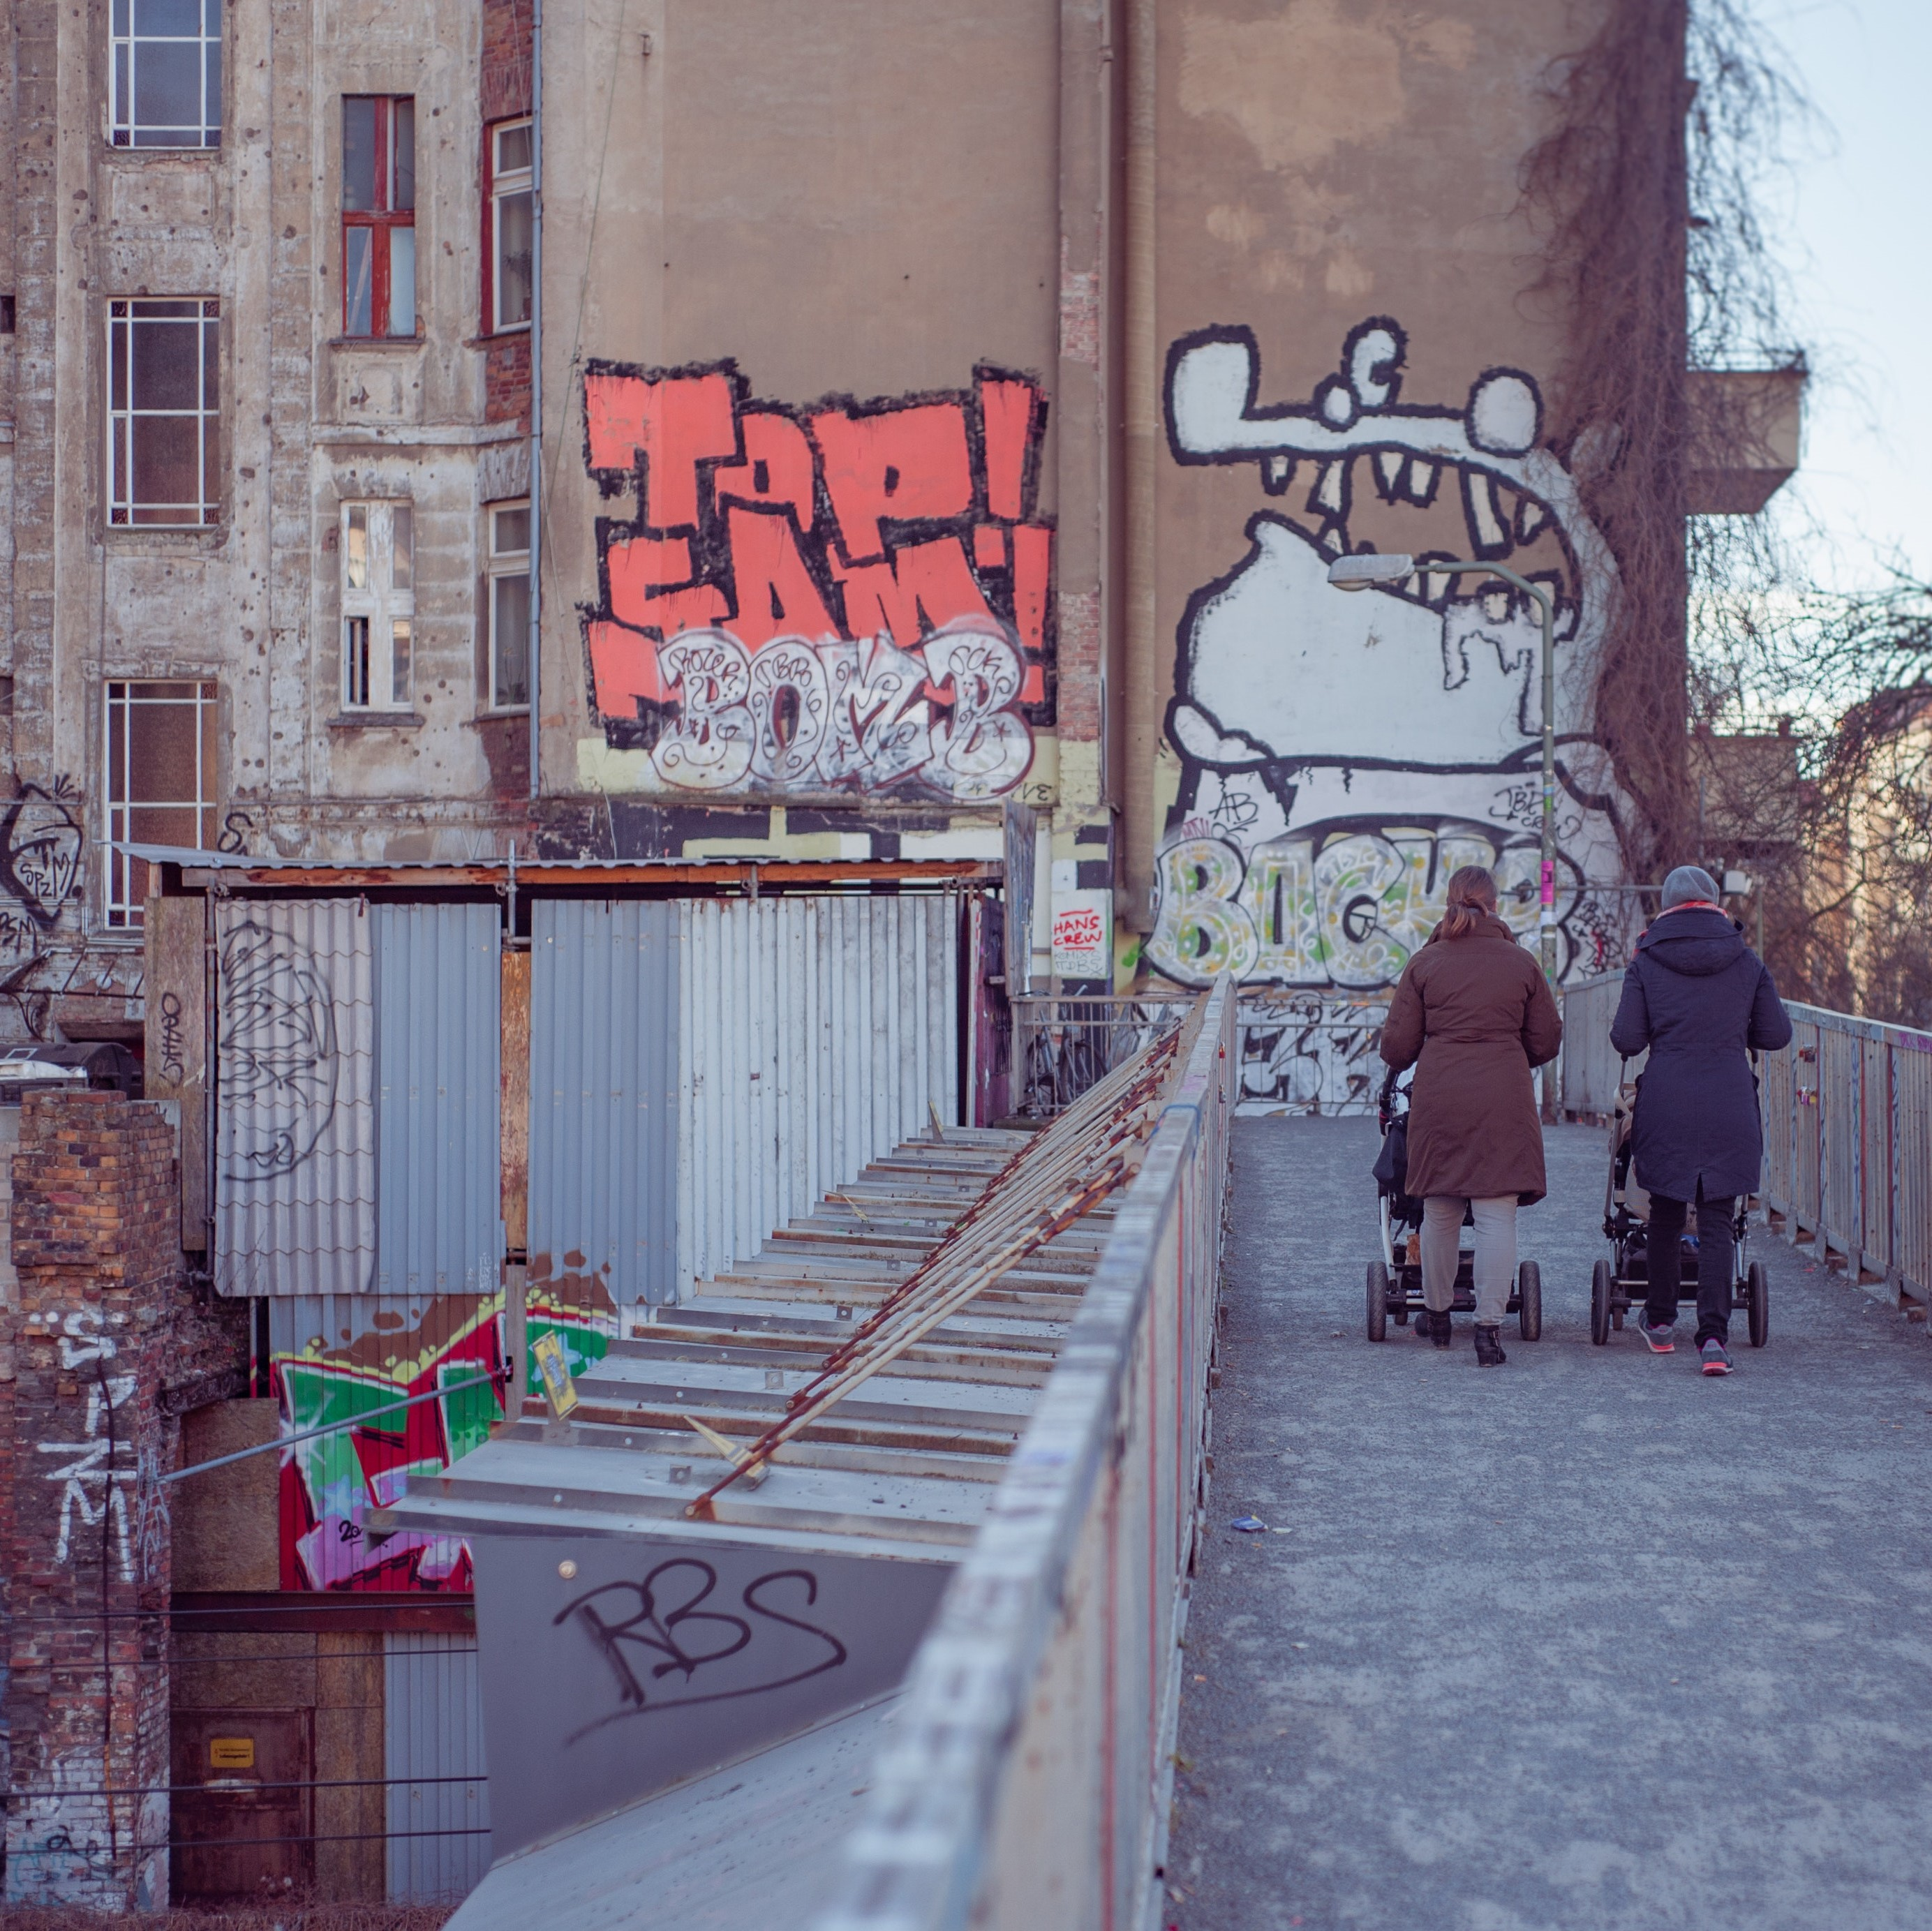 http://www.espanaaqui.com.br/pdf/Fotos%20para%20revista/architecture-berlin-building-110817.jpg